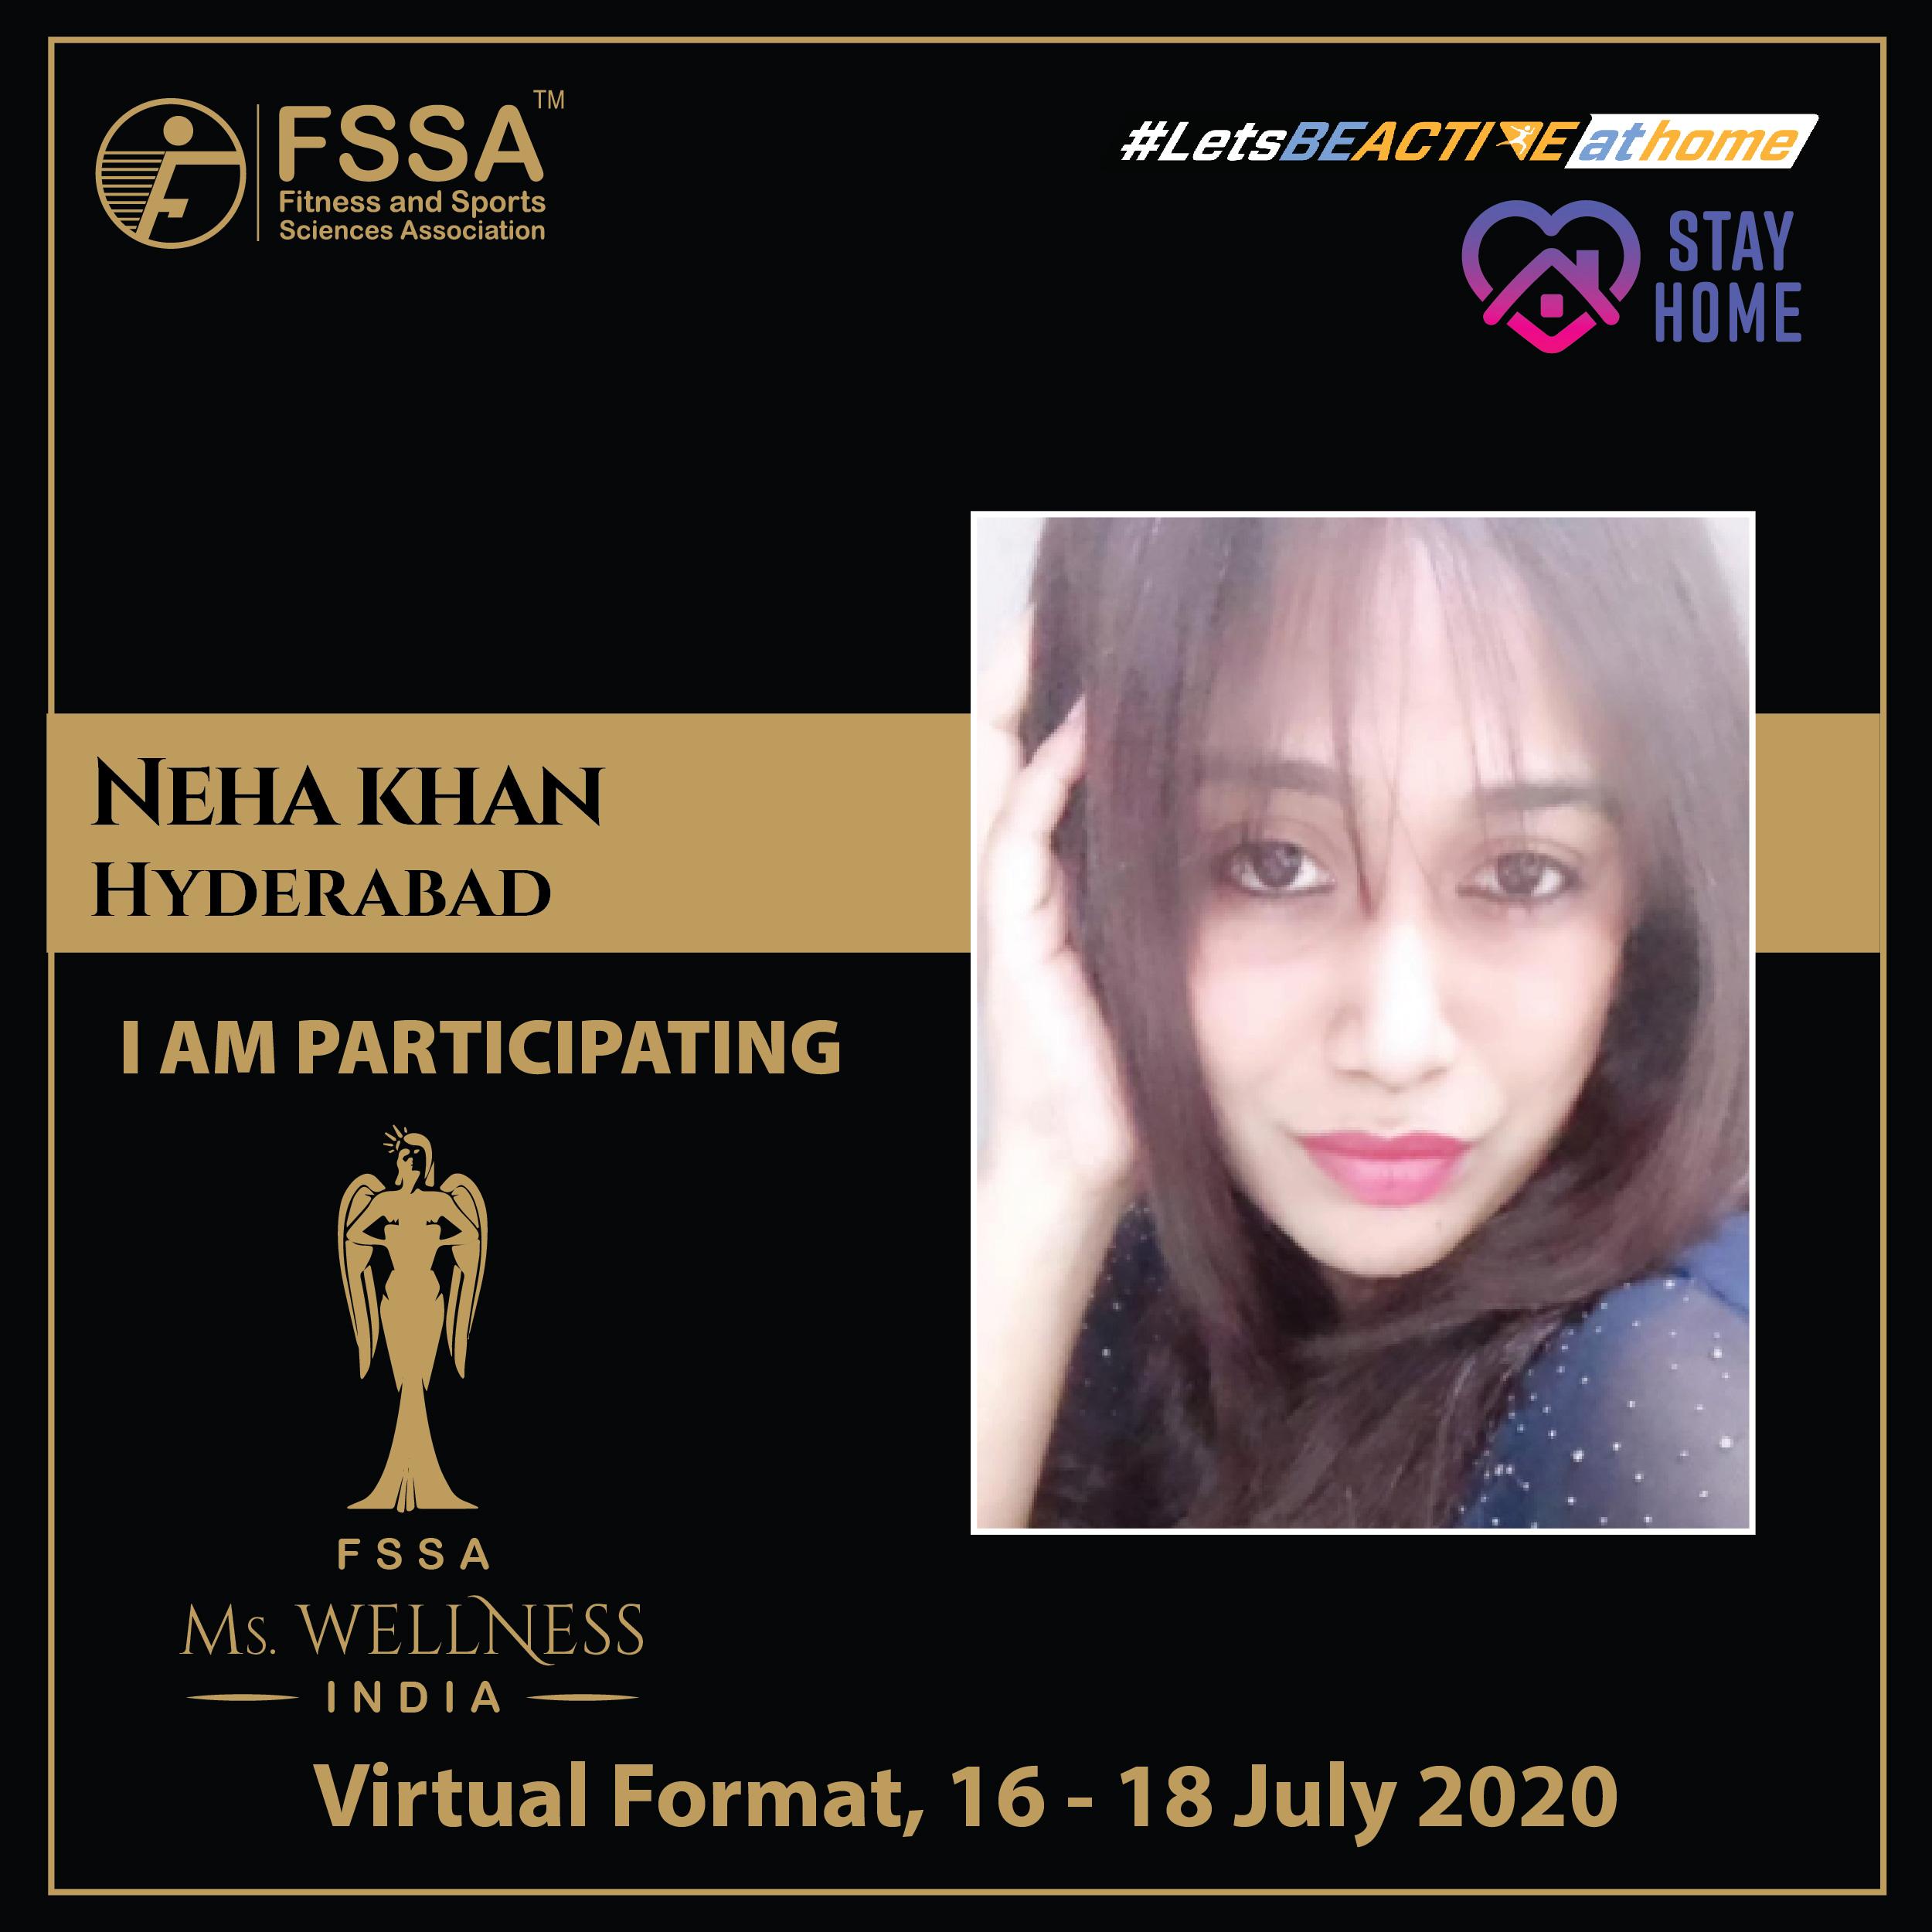 27-Neha-Khan